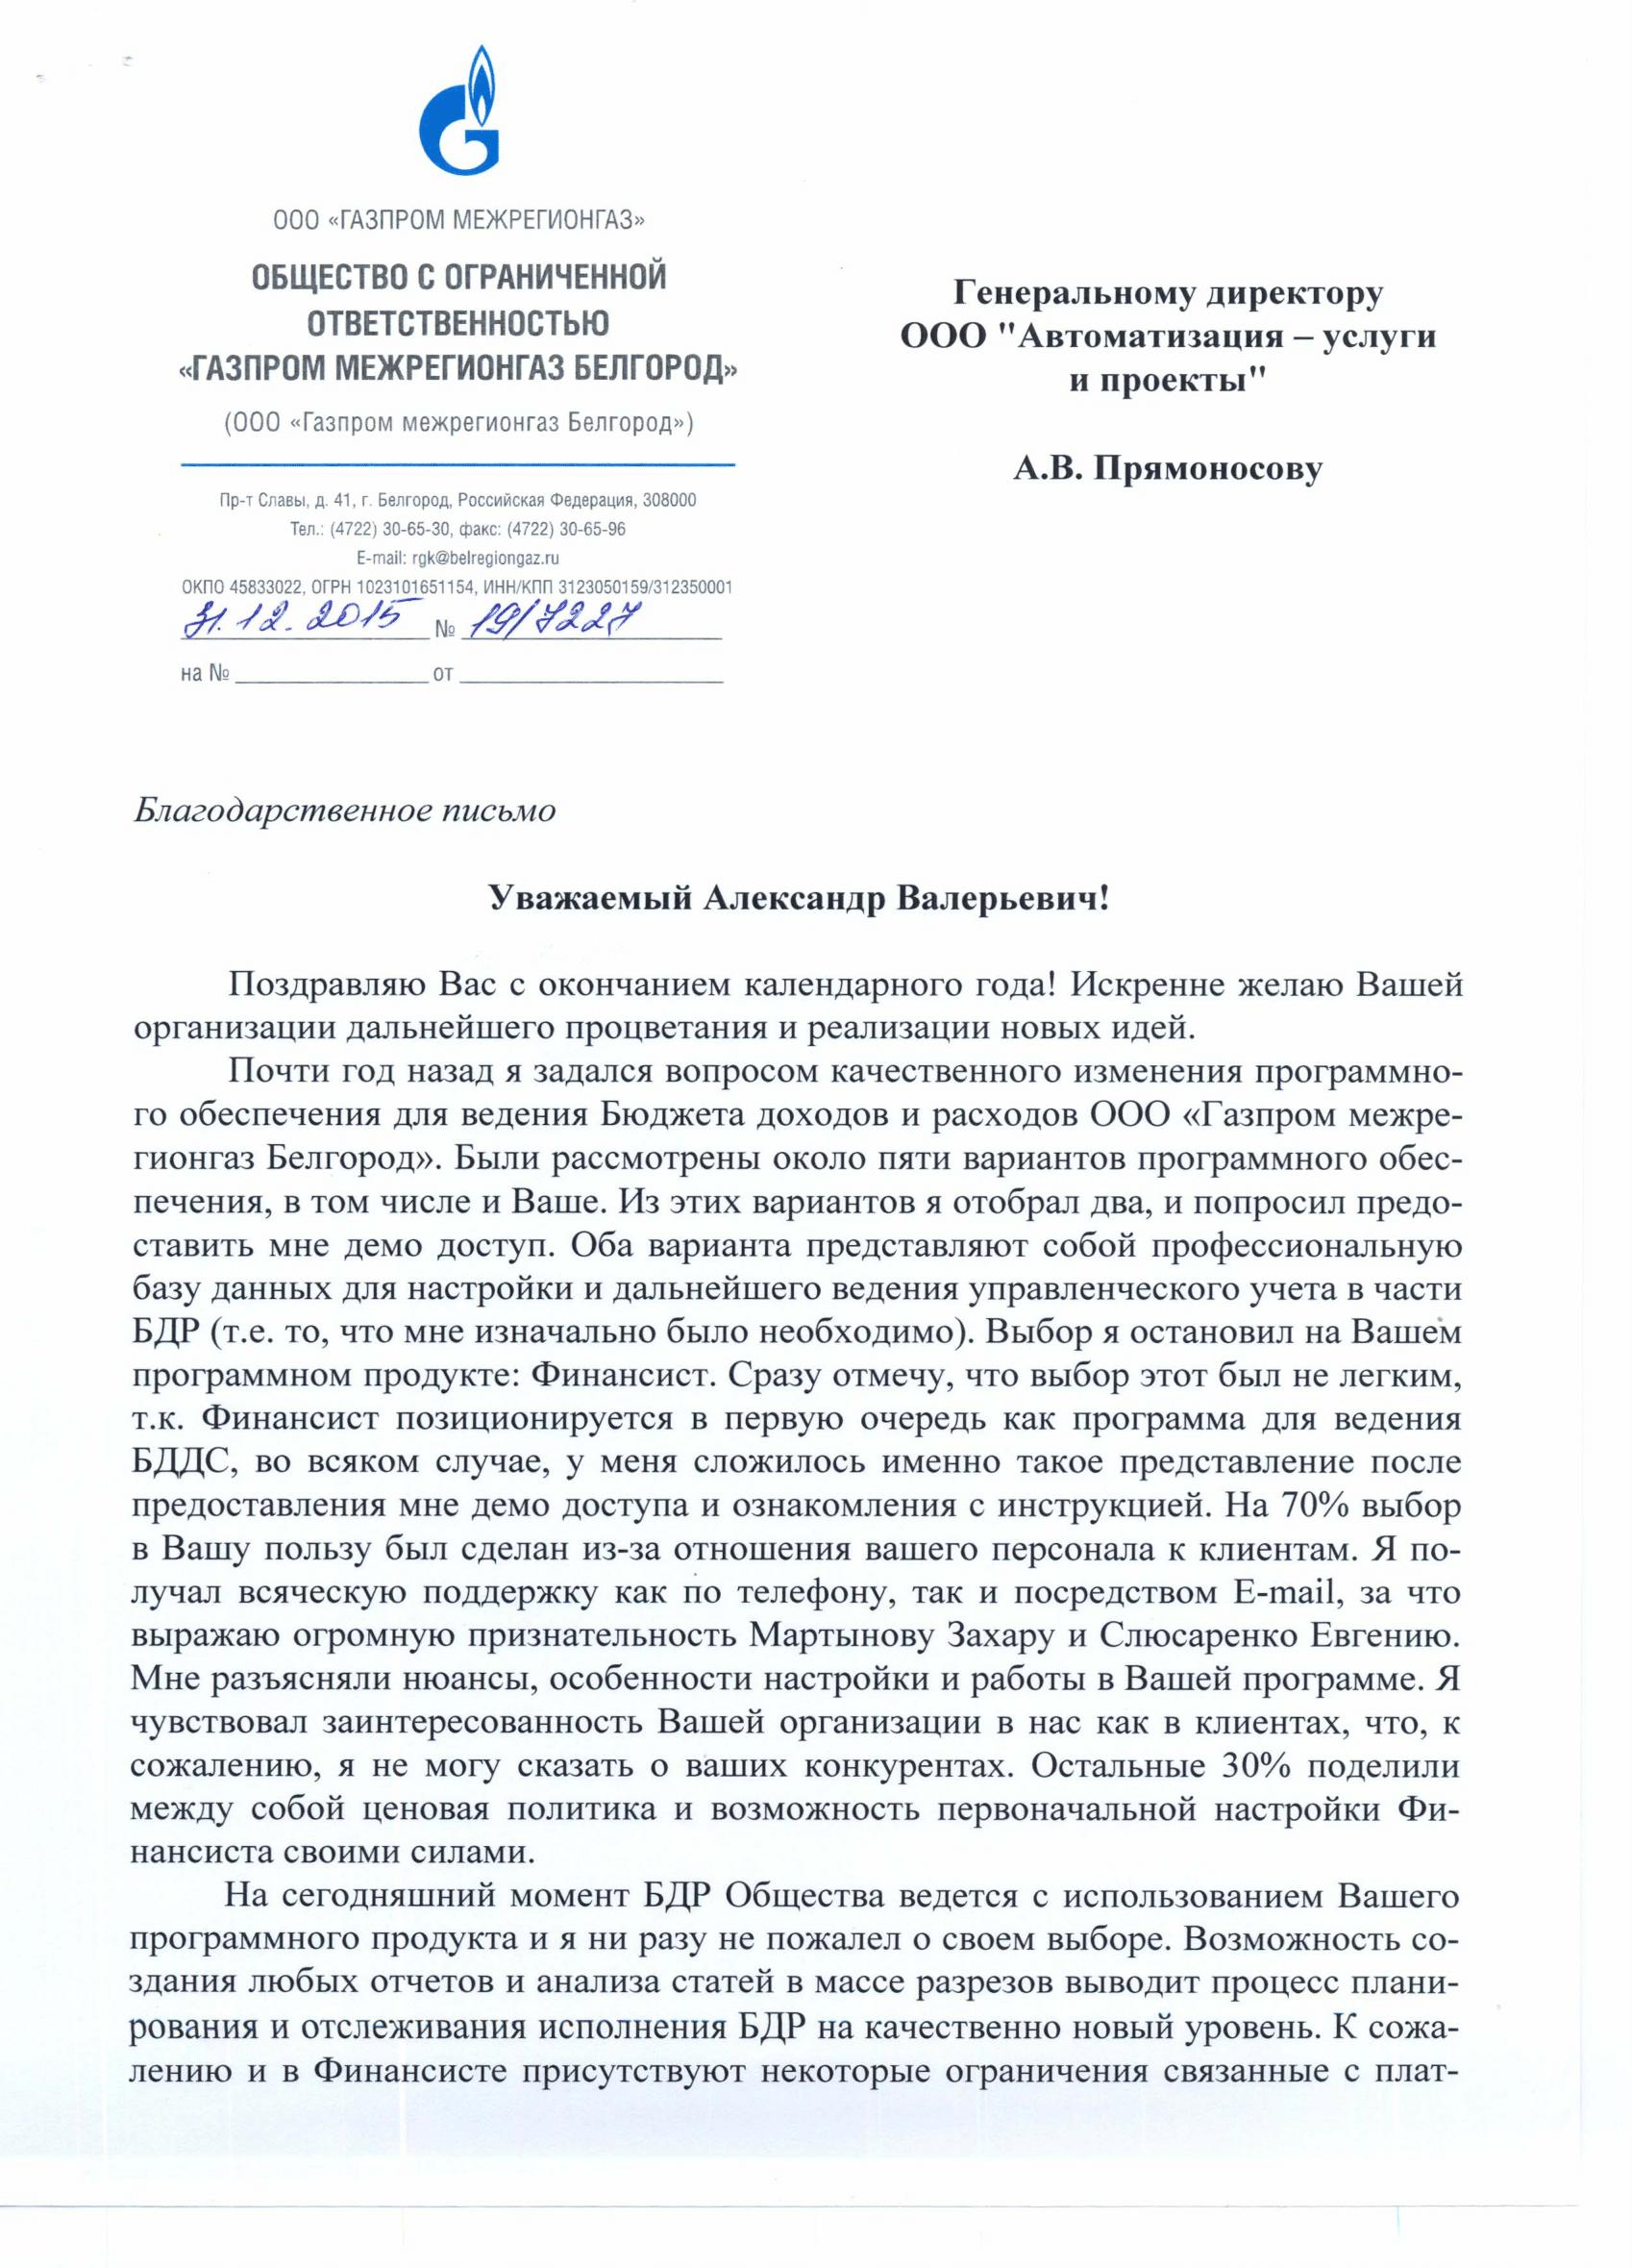 Газпром межрегионгаз Белгород отзыв